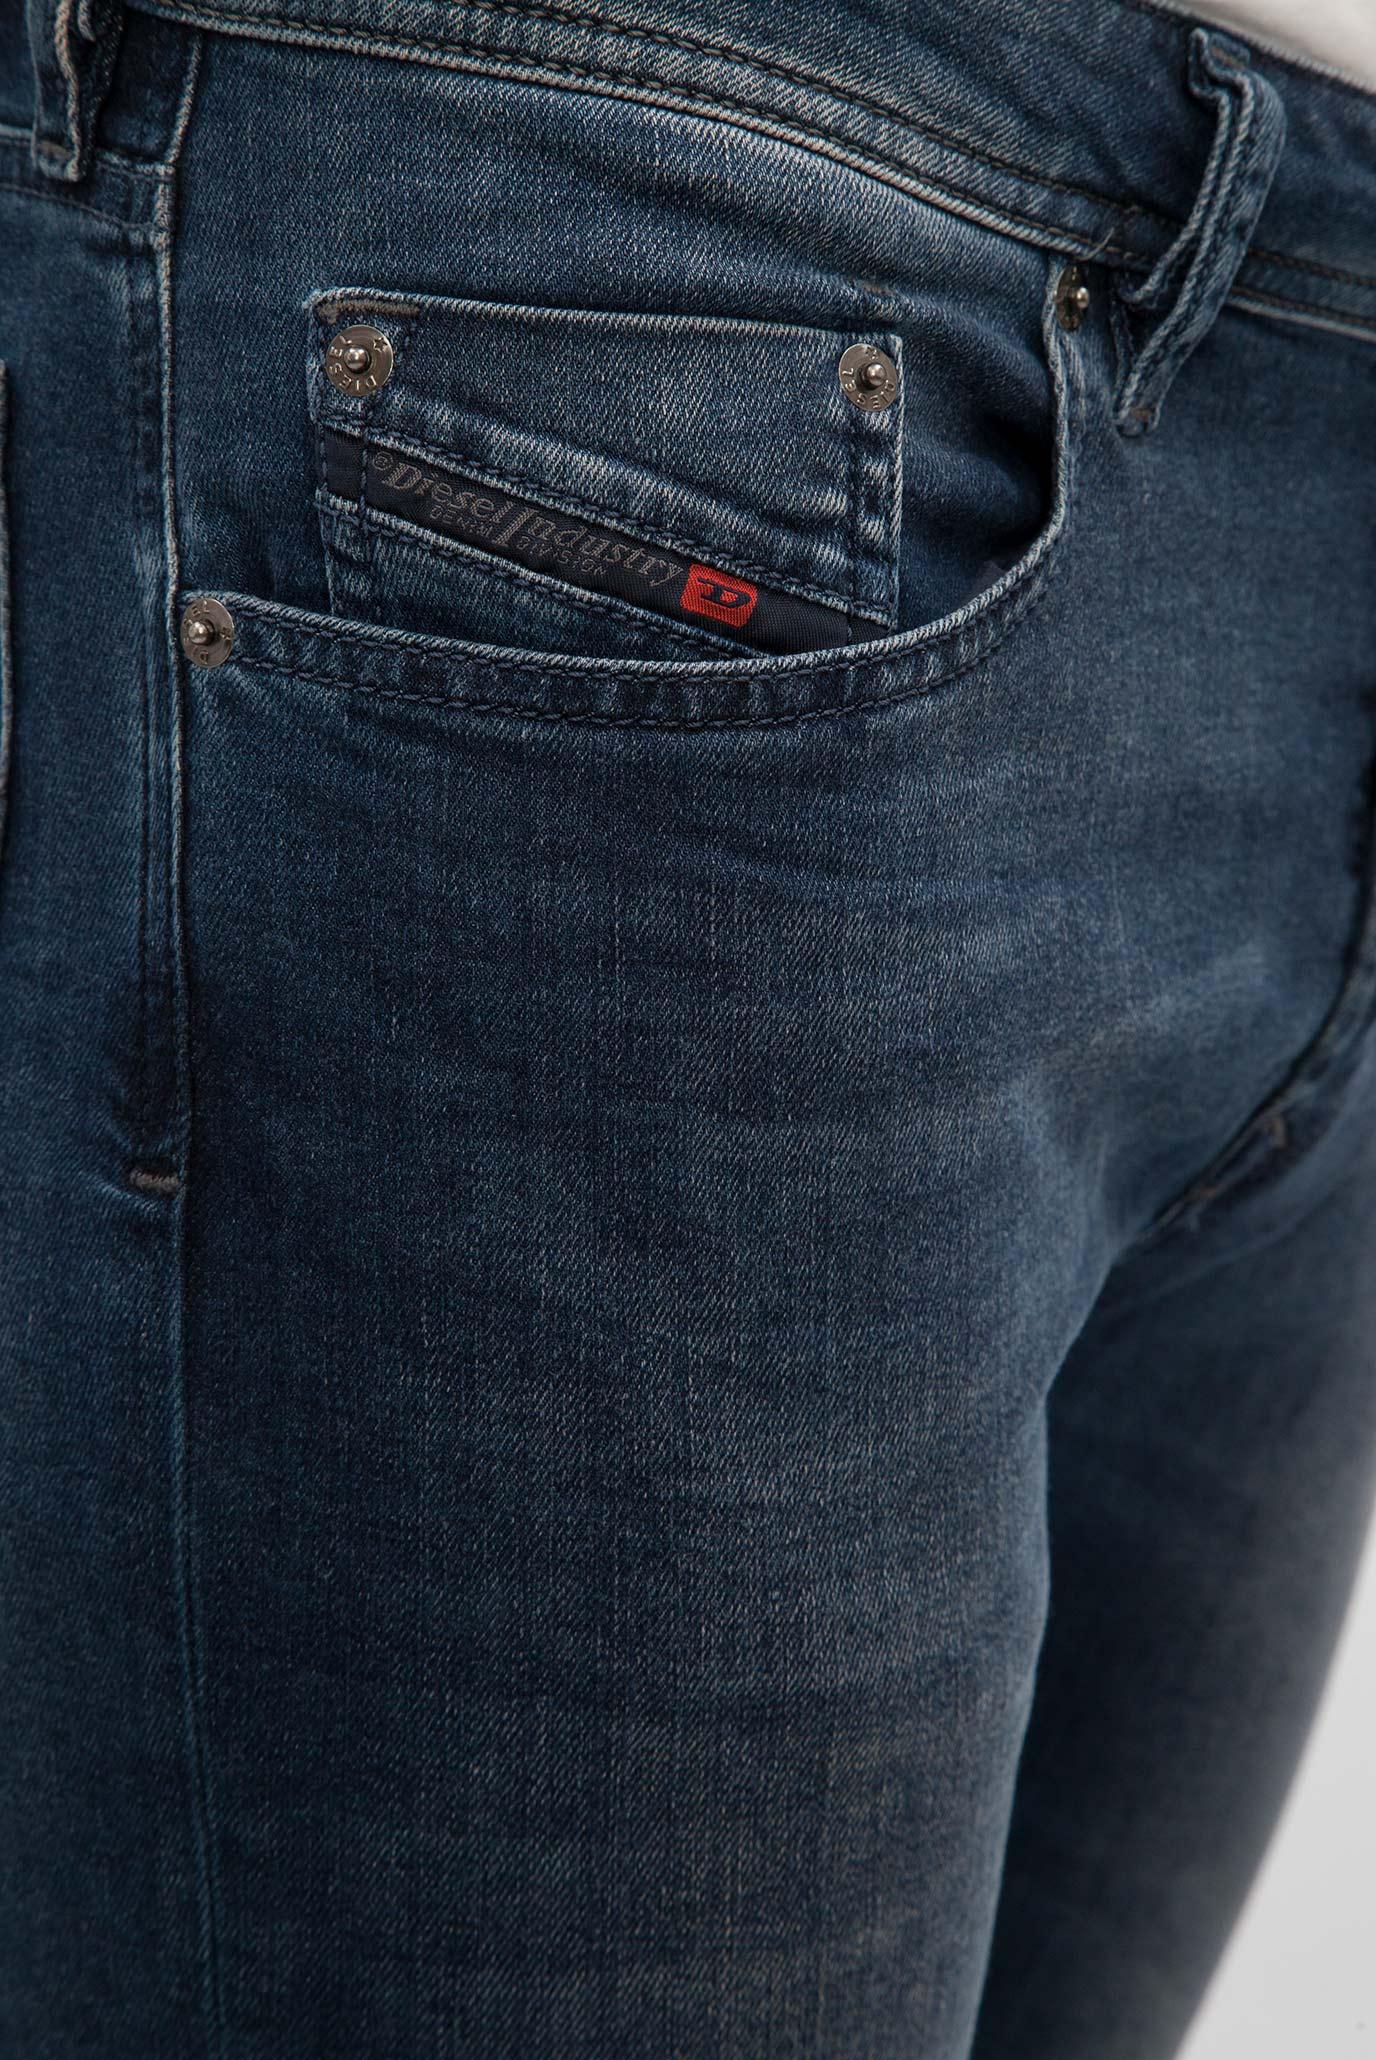 Купить Мужские синие джинсы WAYKEE  Diesel Diesel 00S11B 0684H – Киев, Украина. Цены в интернет магазине MD Fashion